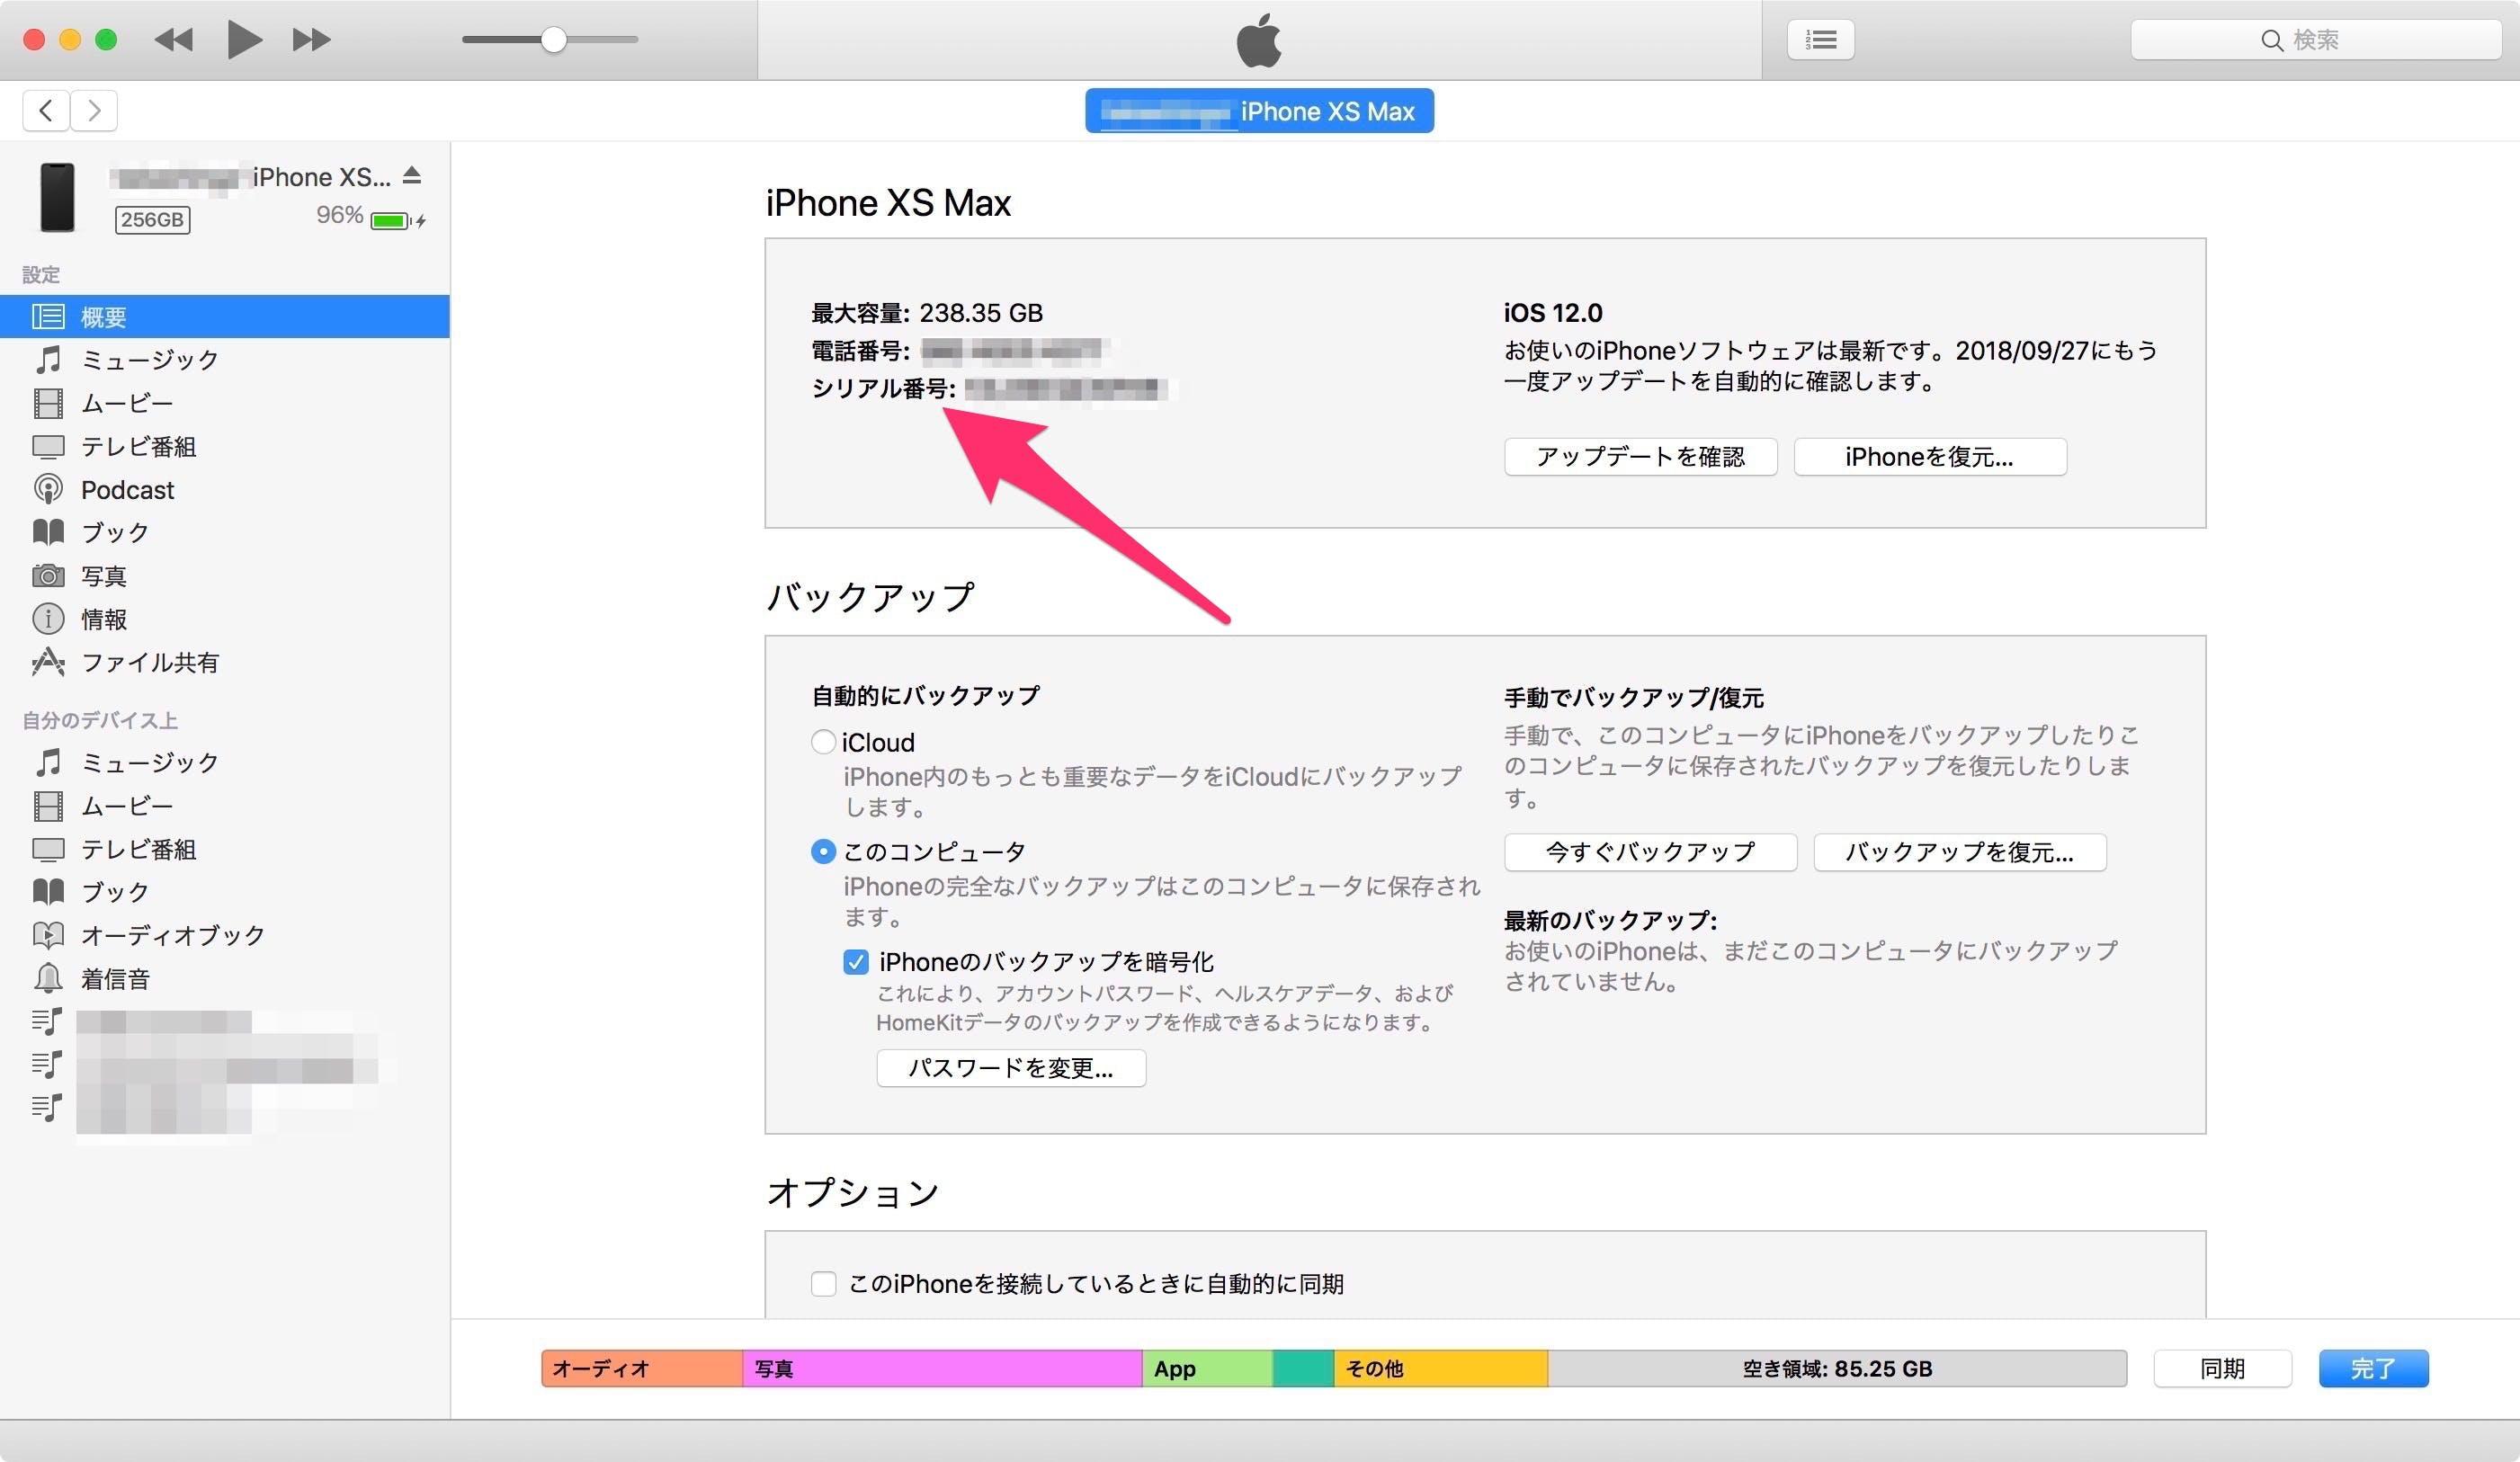 iPhone XSシリーズからのUDID・識別子の確認方法 - Qiita